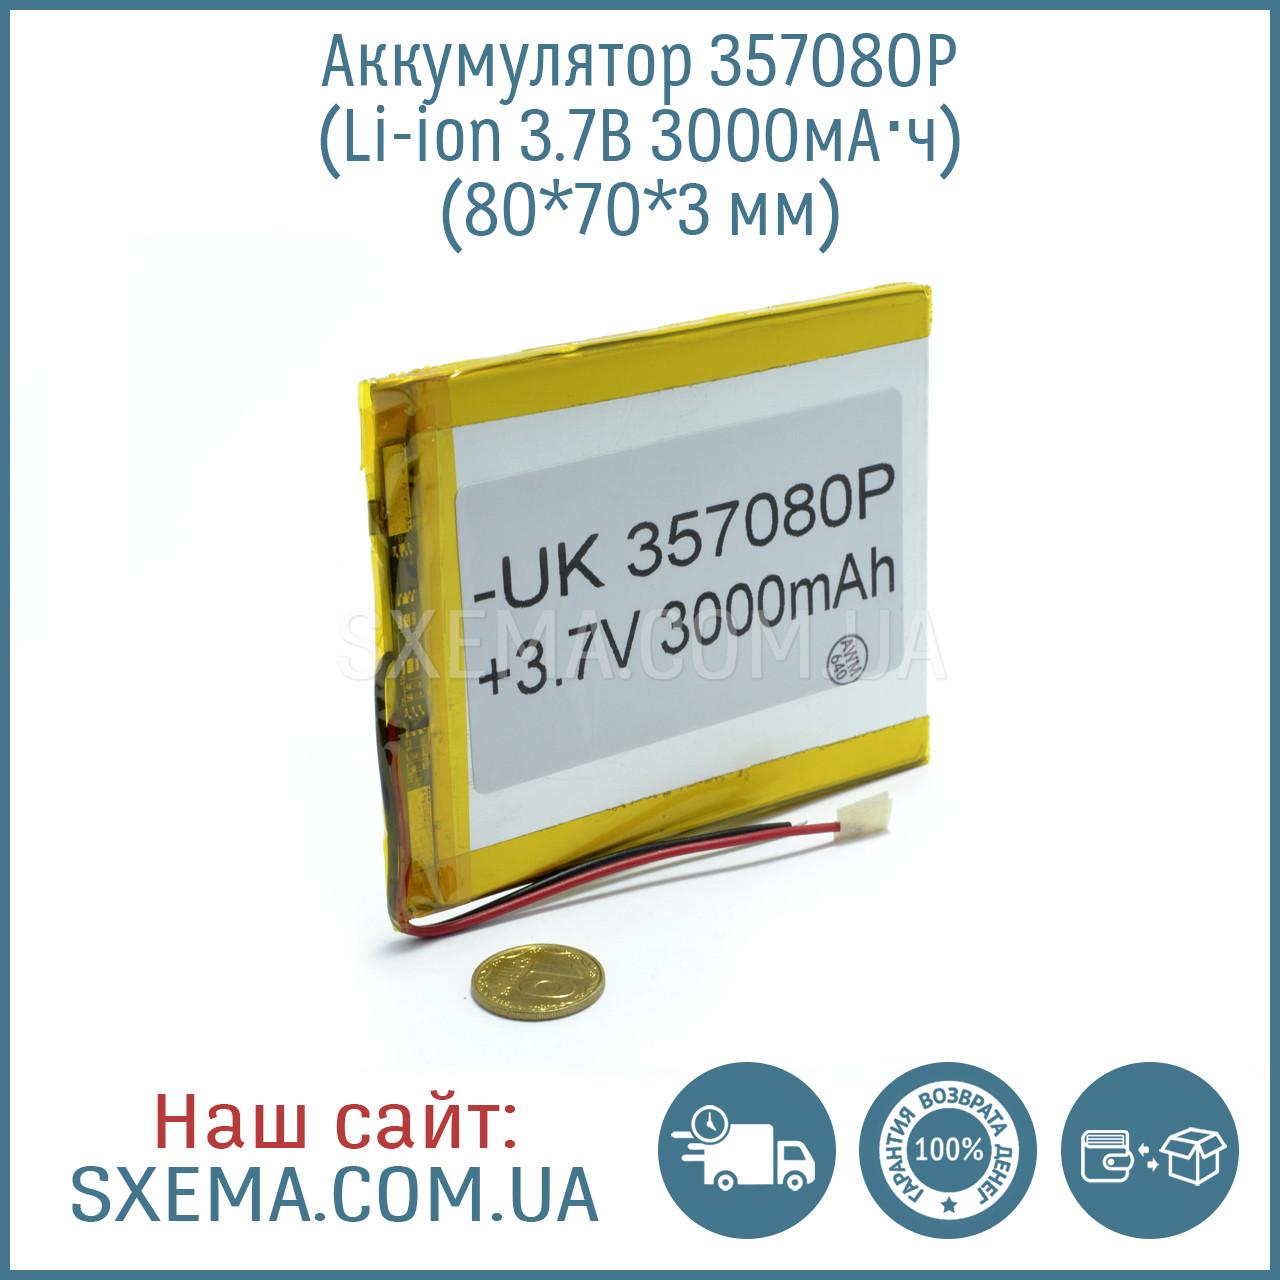 Аккумулятор универсальный 357080 (Li-ion 3.7В 3000мА·ч), (80*70*3 мм)